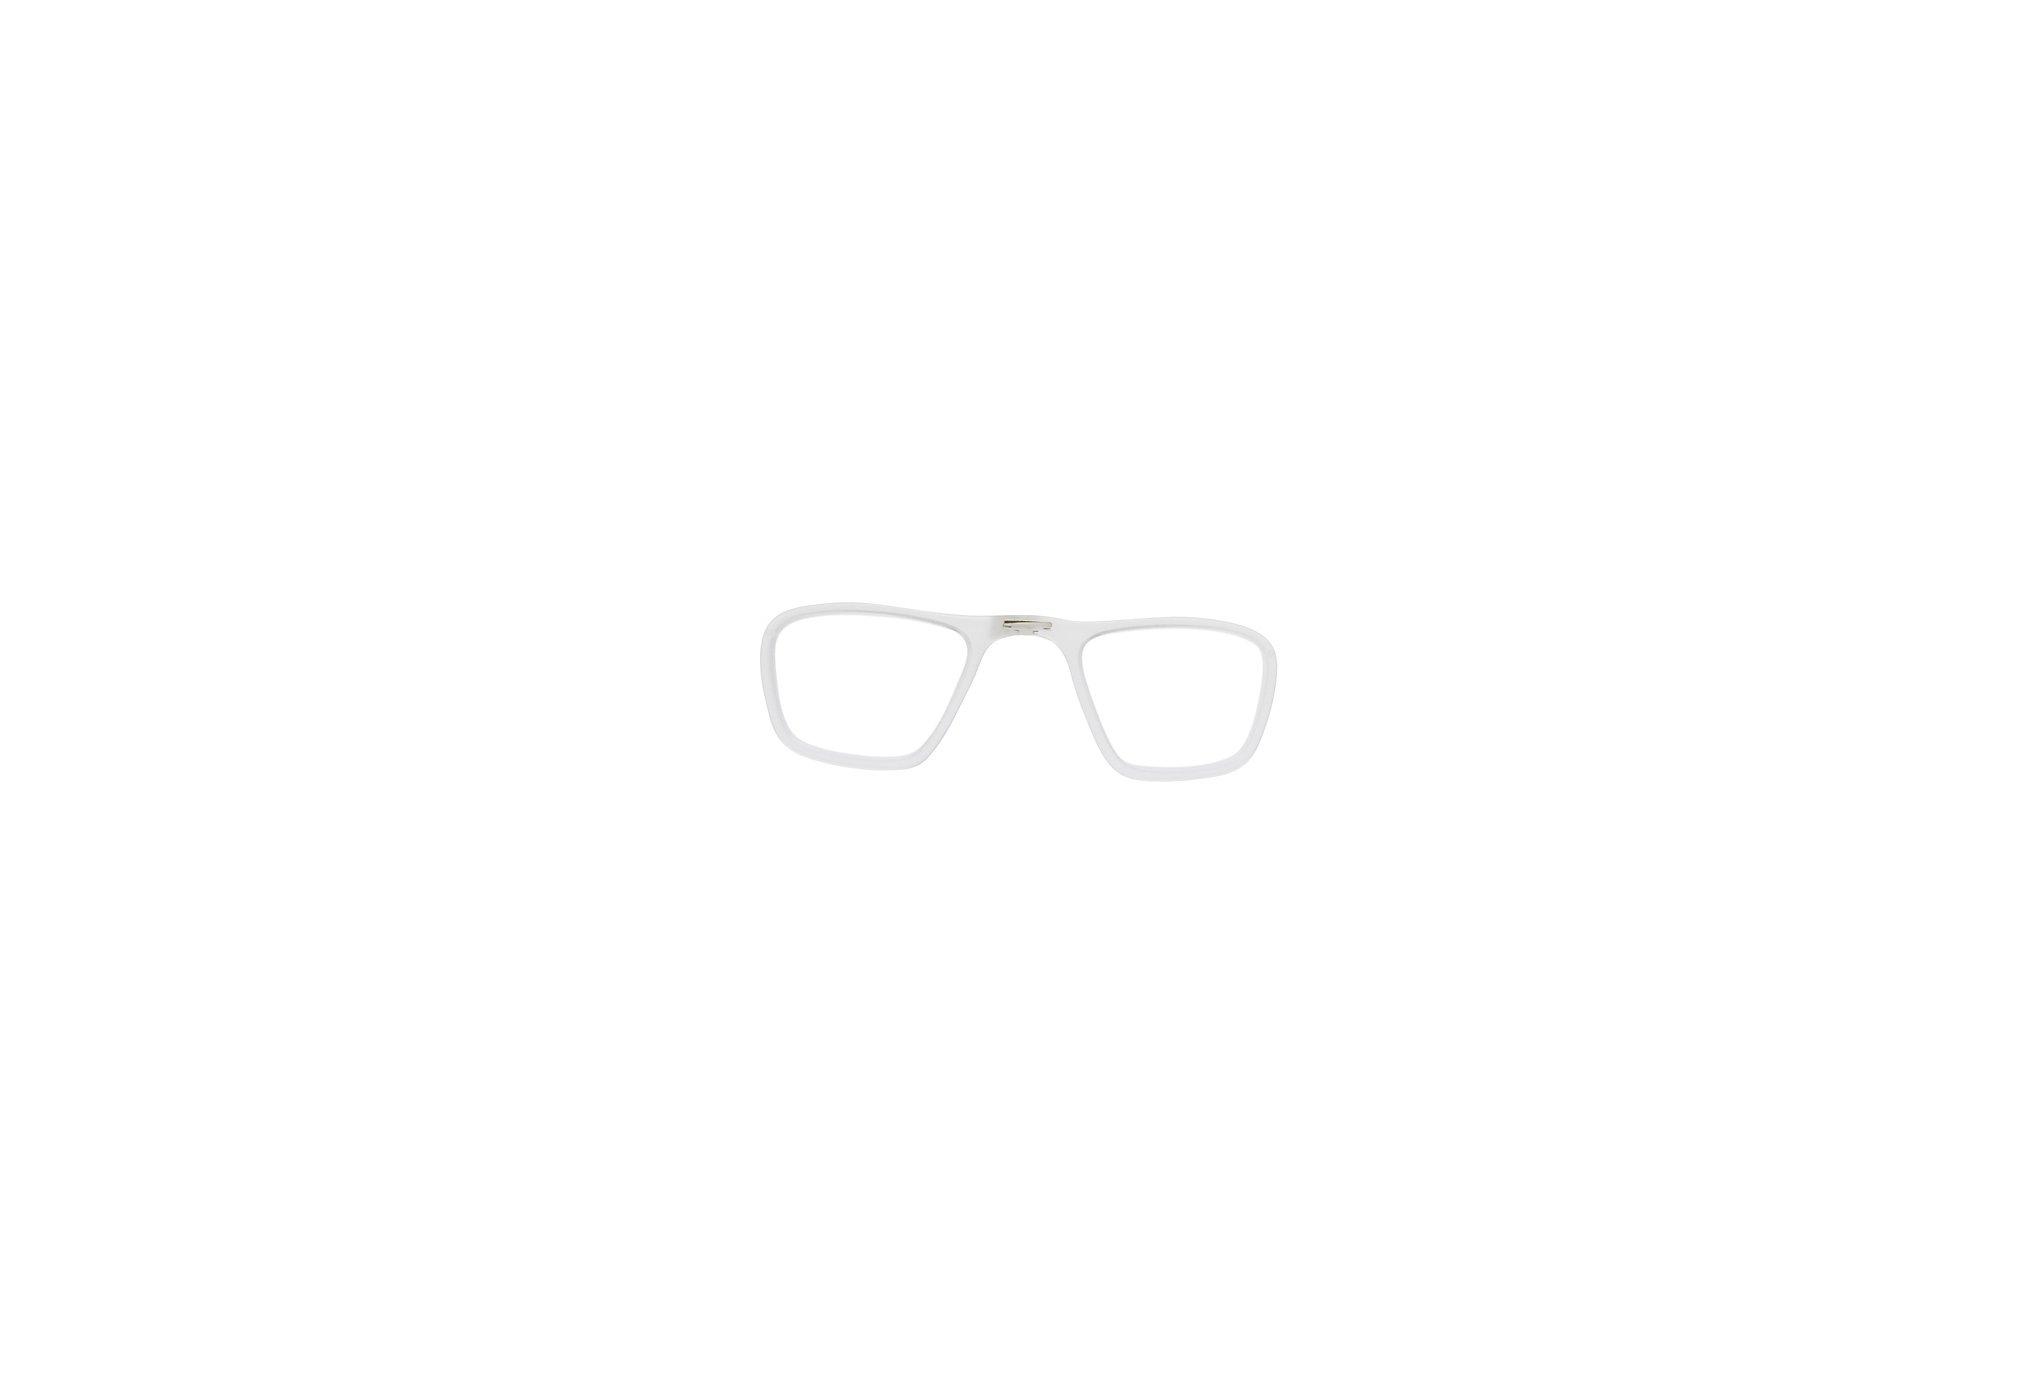 Nike Adaptateur de vue pour lunettes de soleil Show X2 Diététique Accessoires